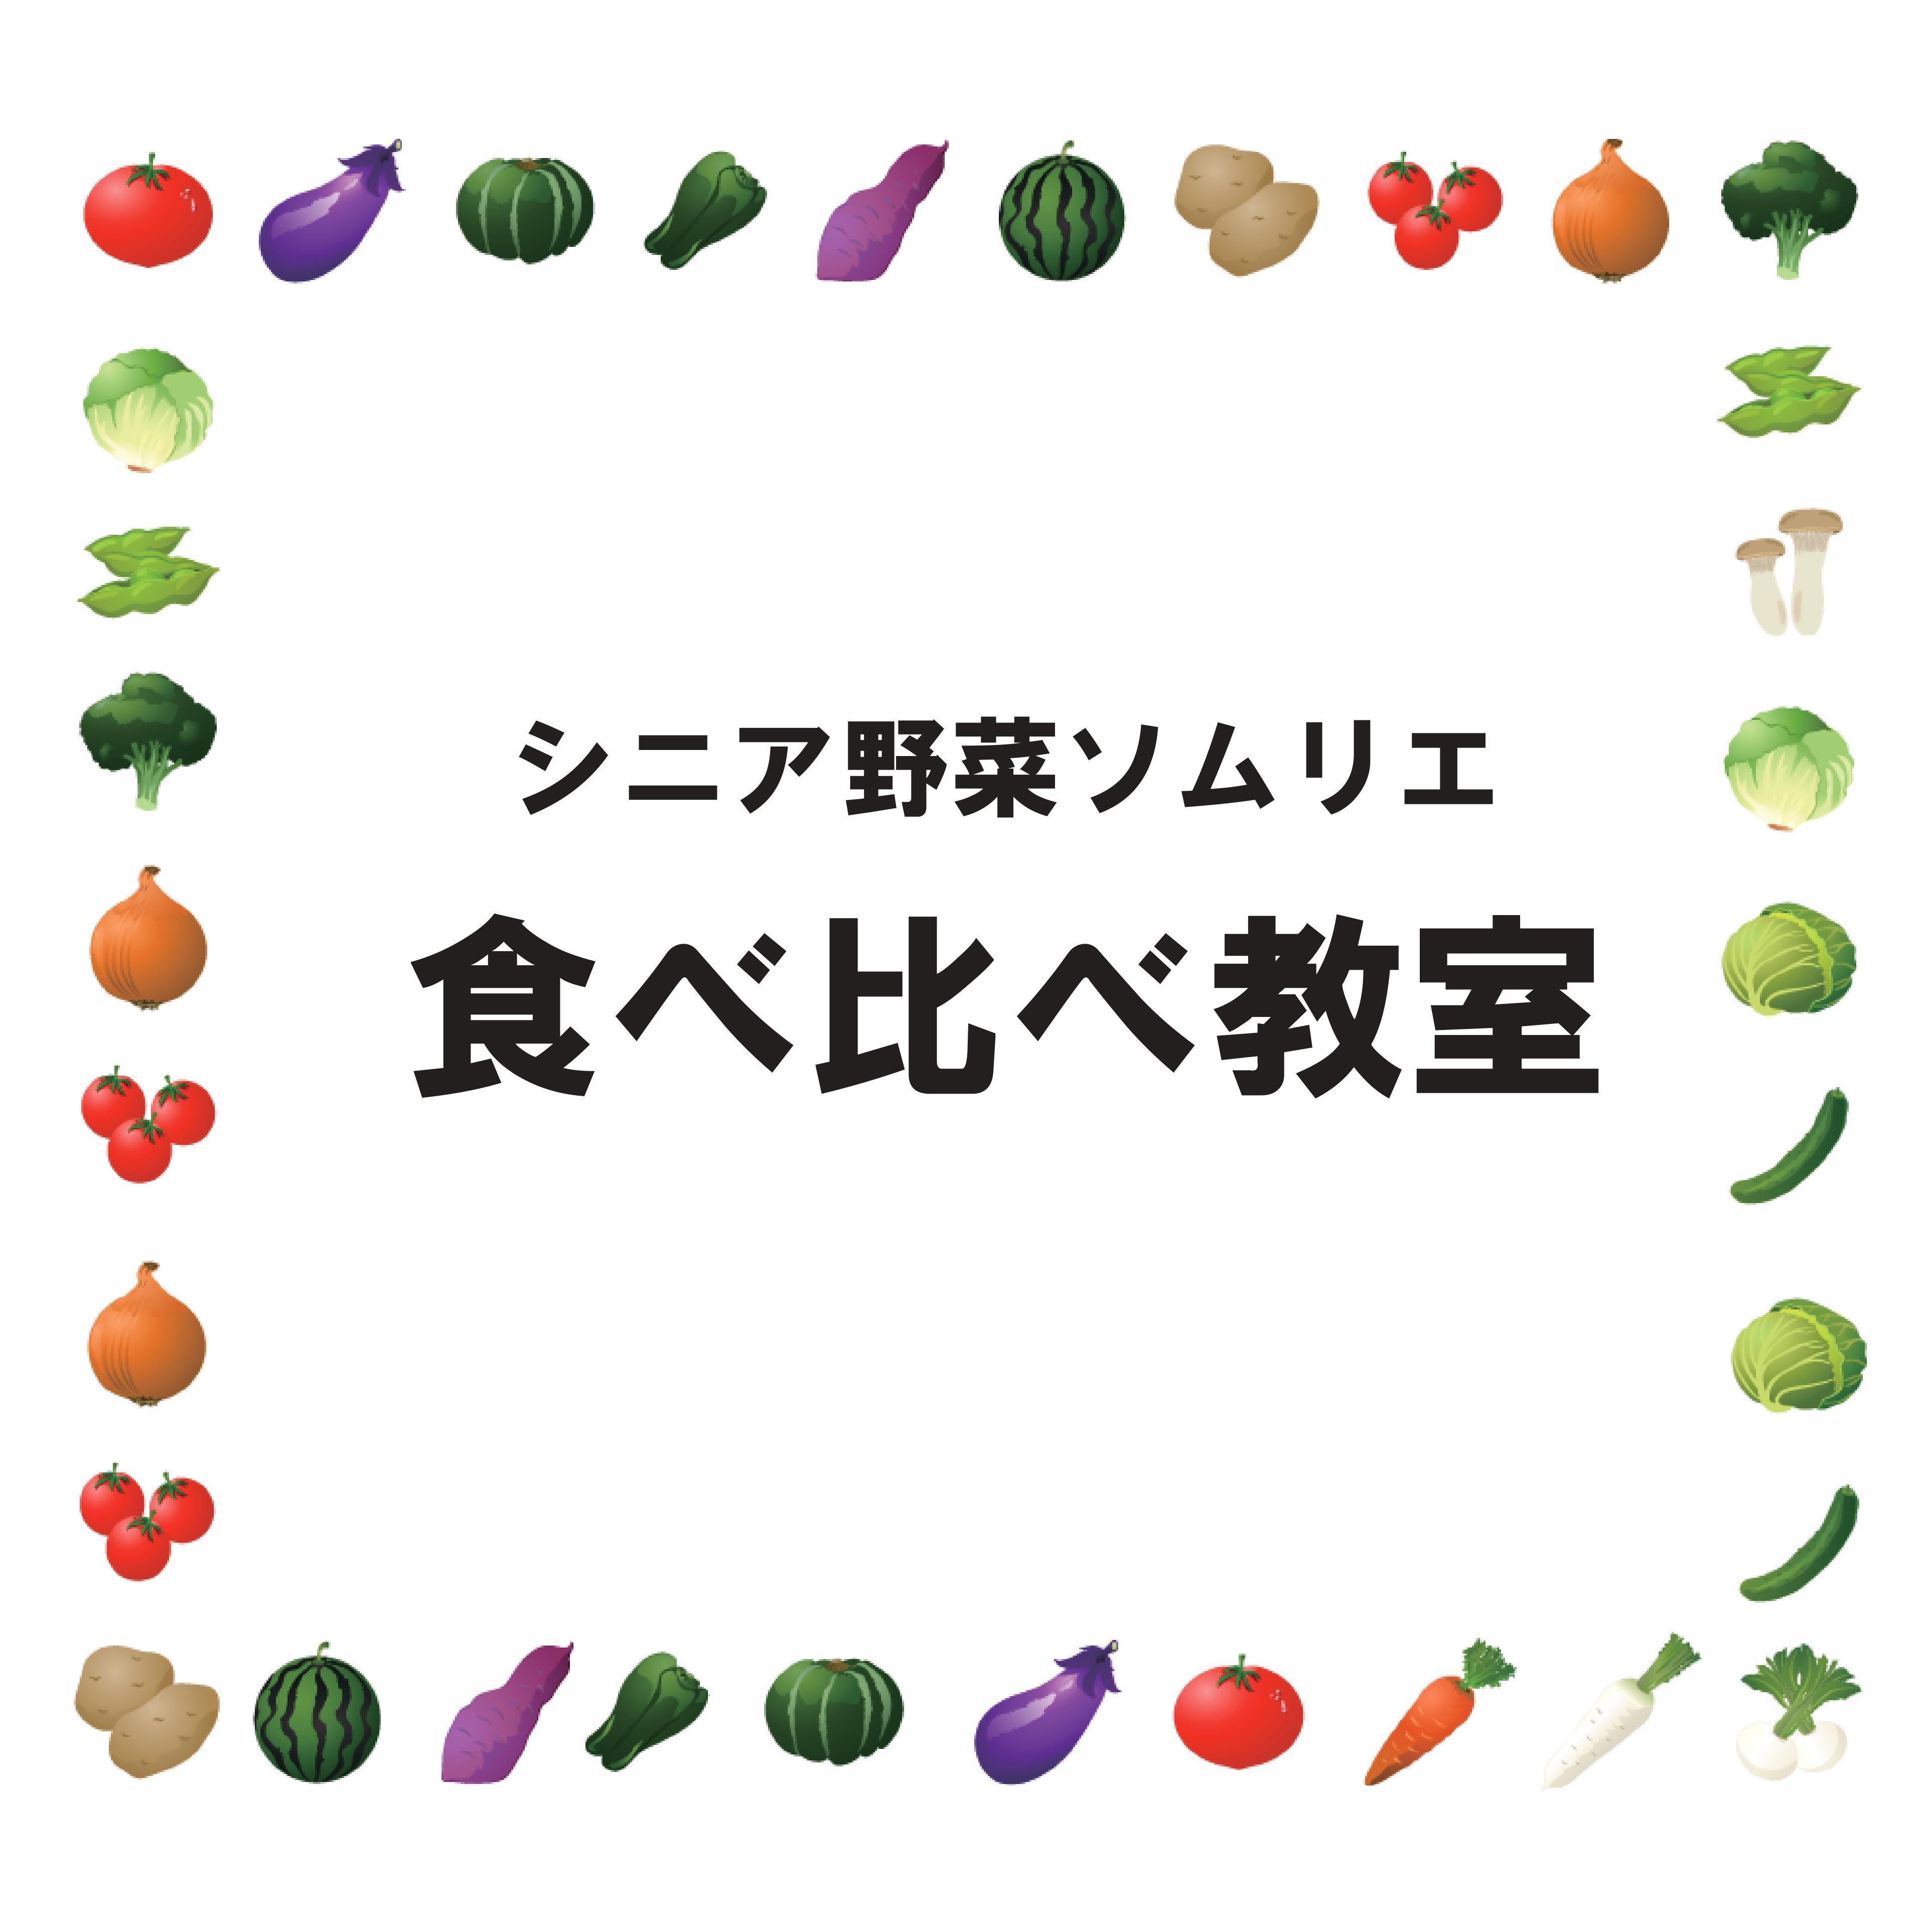 シニア野菜ソムリエ 食べ比べ教室